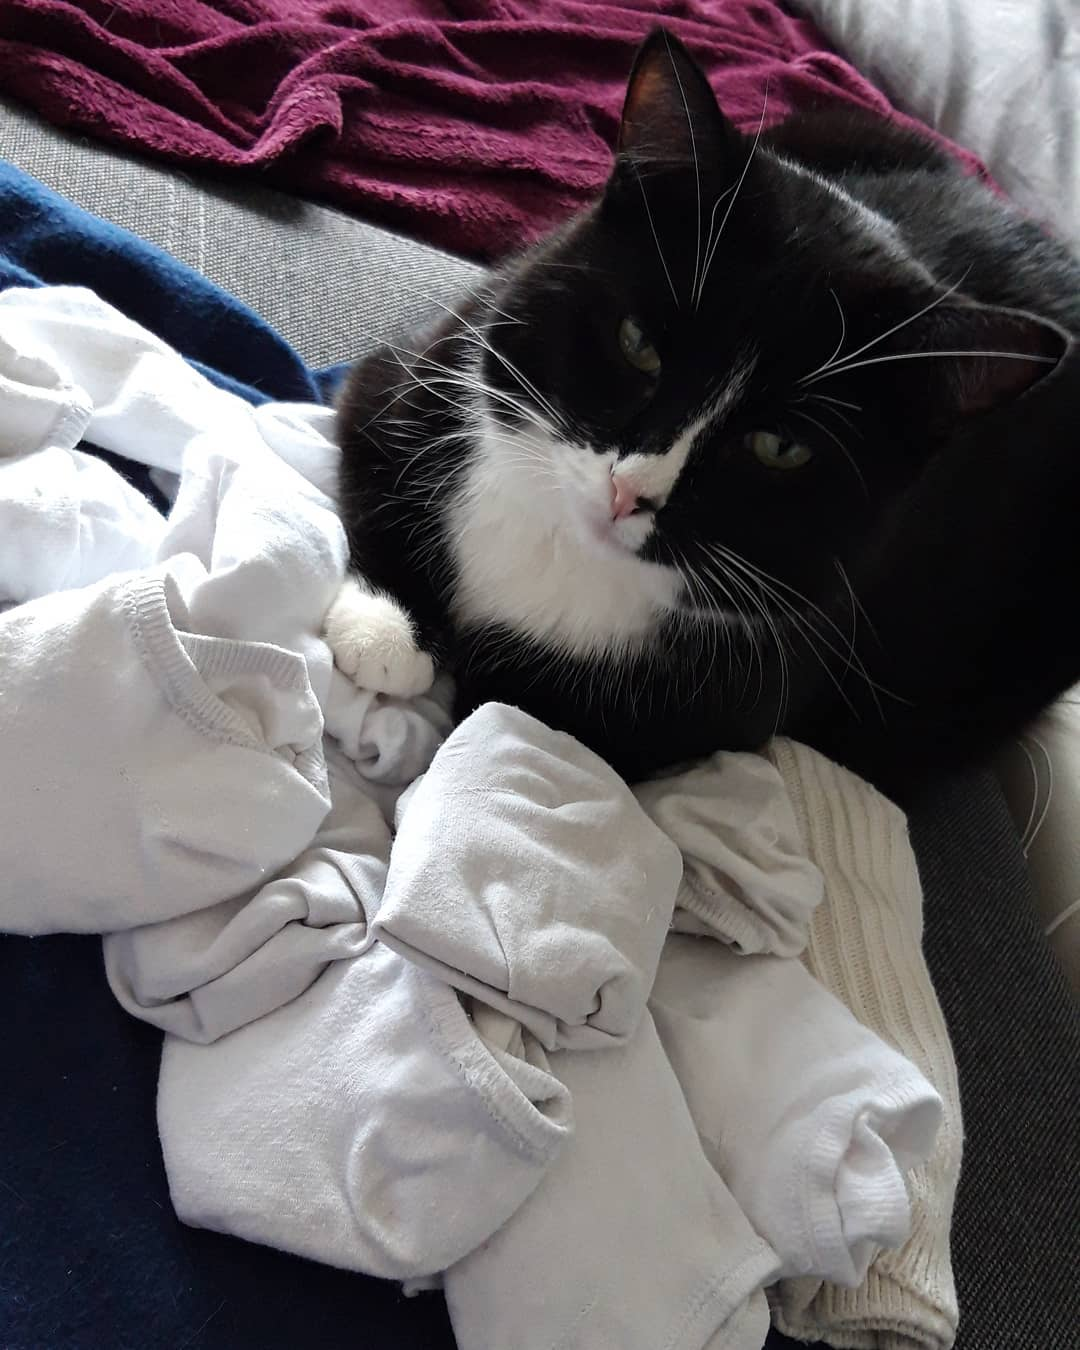 50574473 2281100455502841 2404246022008408151 n - Немка нашла двух чёрно-белых кошек и взяла их себе. Но через пару месяцев одна из них начала белеть